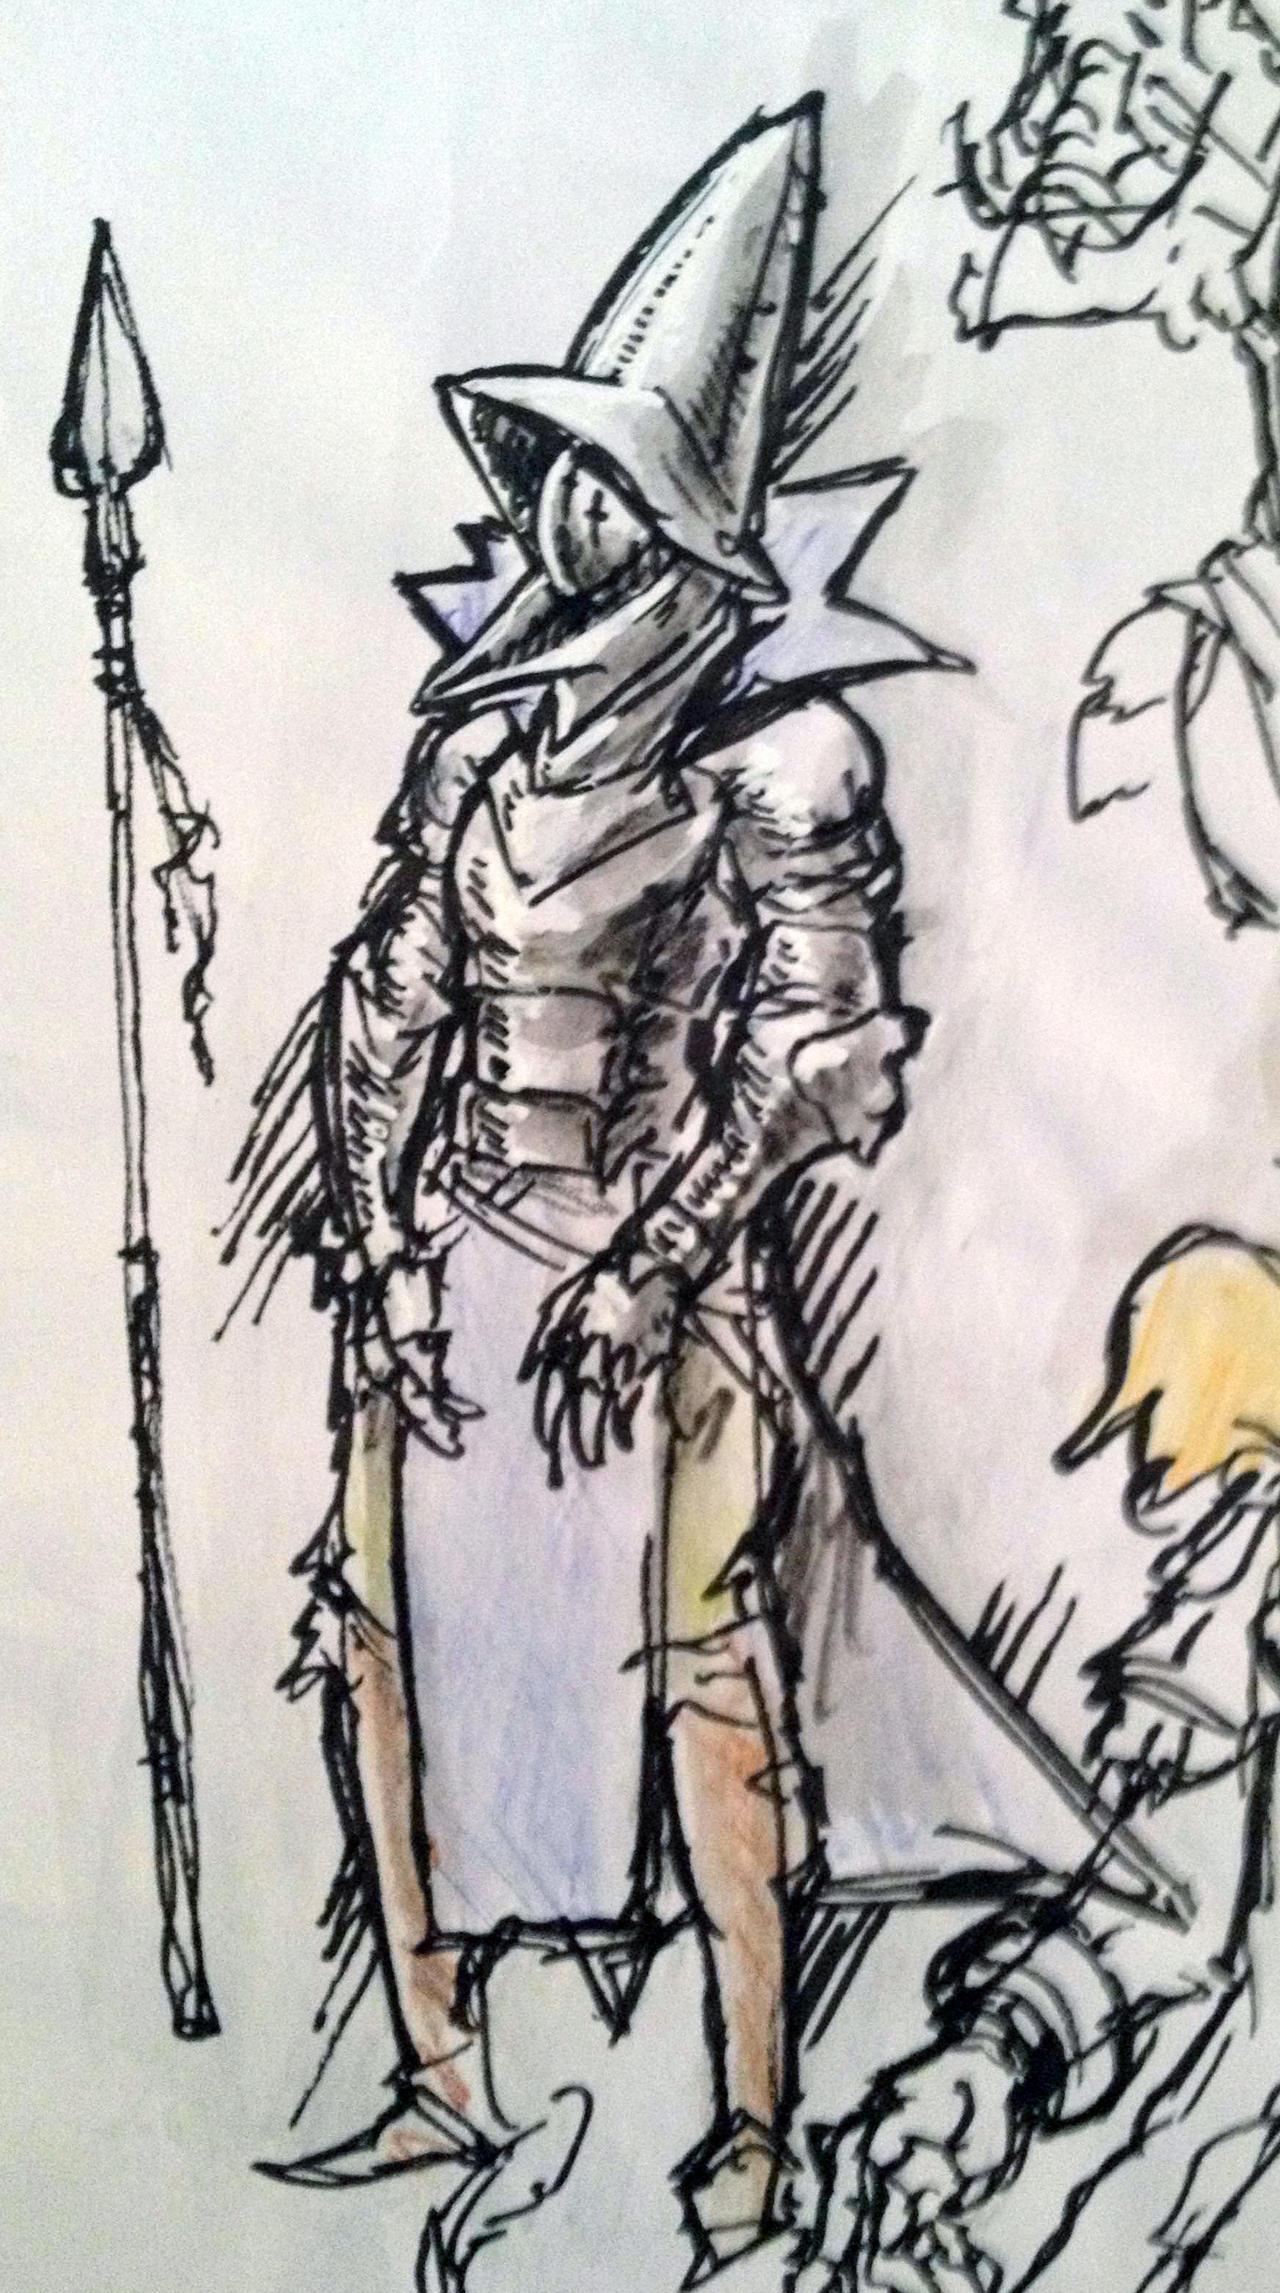 Guardsman by KidneyShake